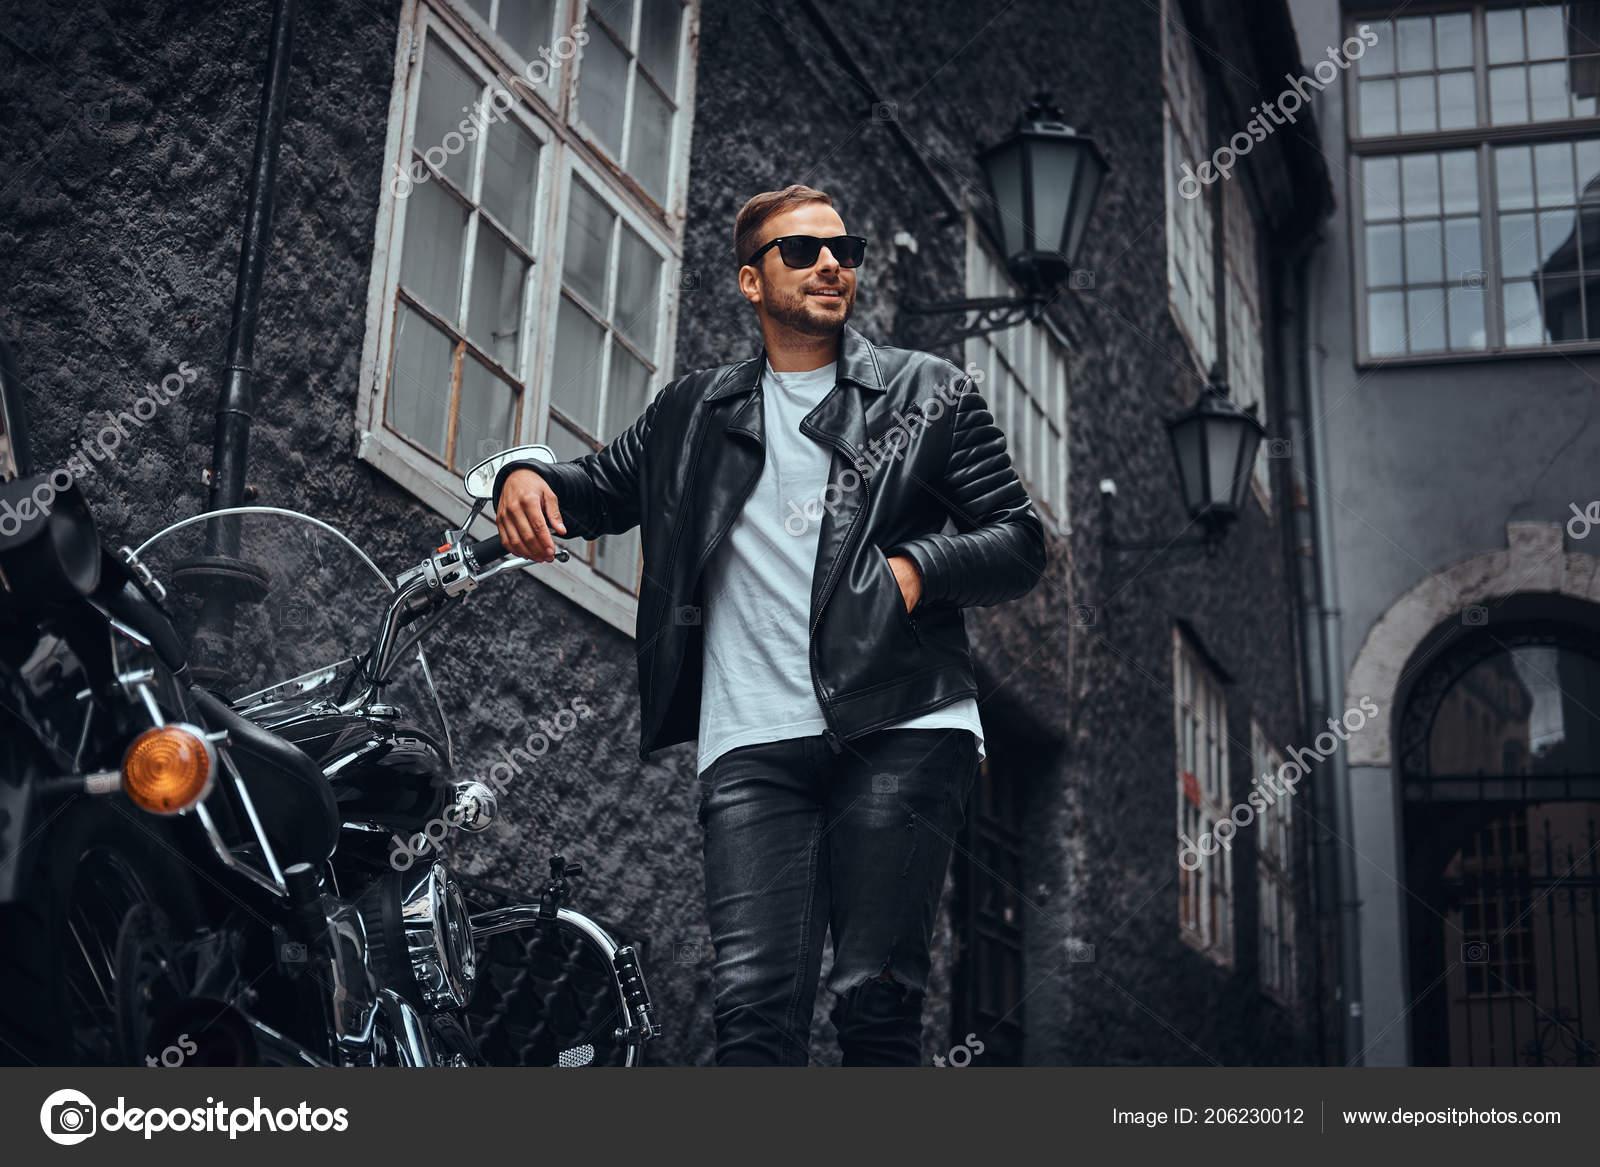 8198ba1c52 Divatos Motoros Napszemüveg Öltözött Fekete Bőrkabát Farmer Támaszkodva  Retro Motorkerékpár– stock kép